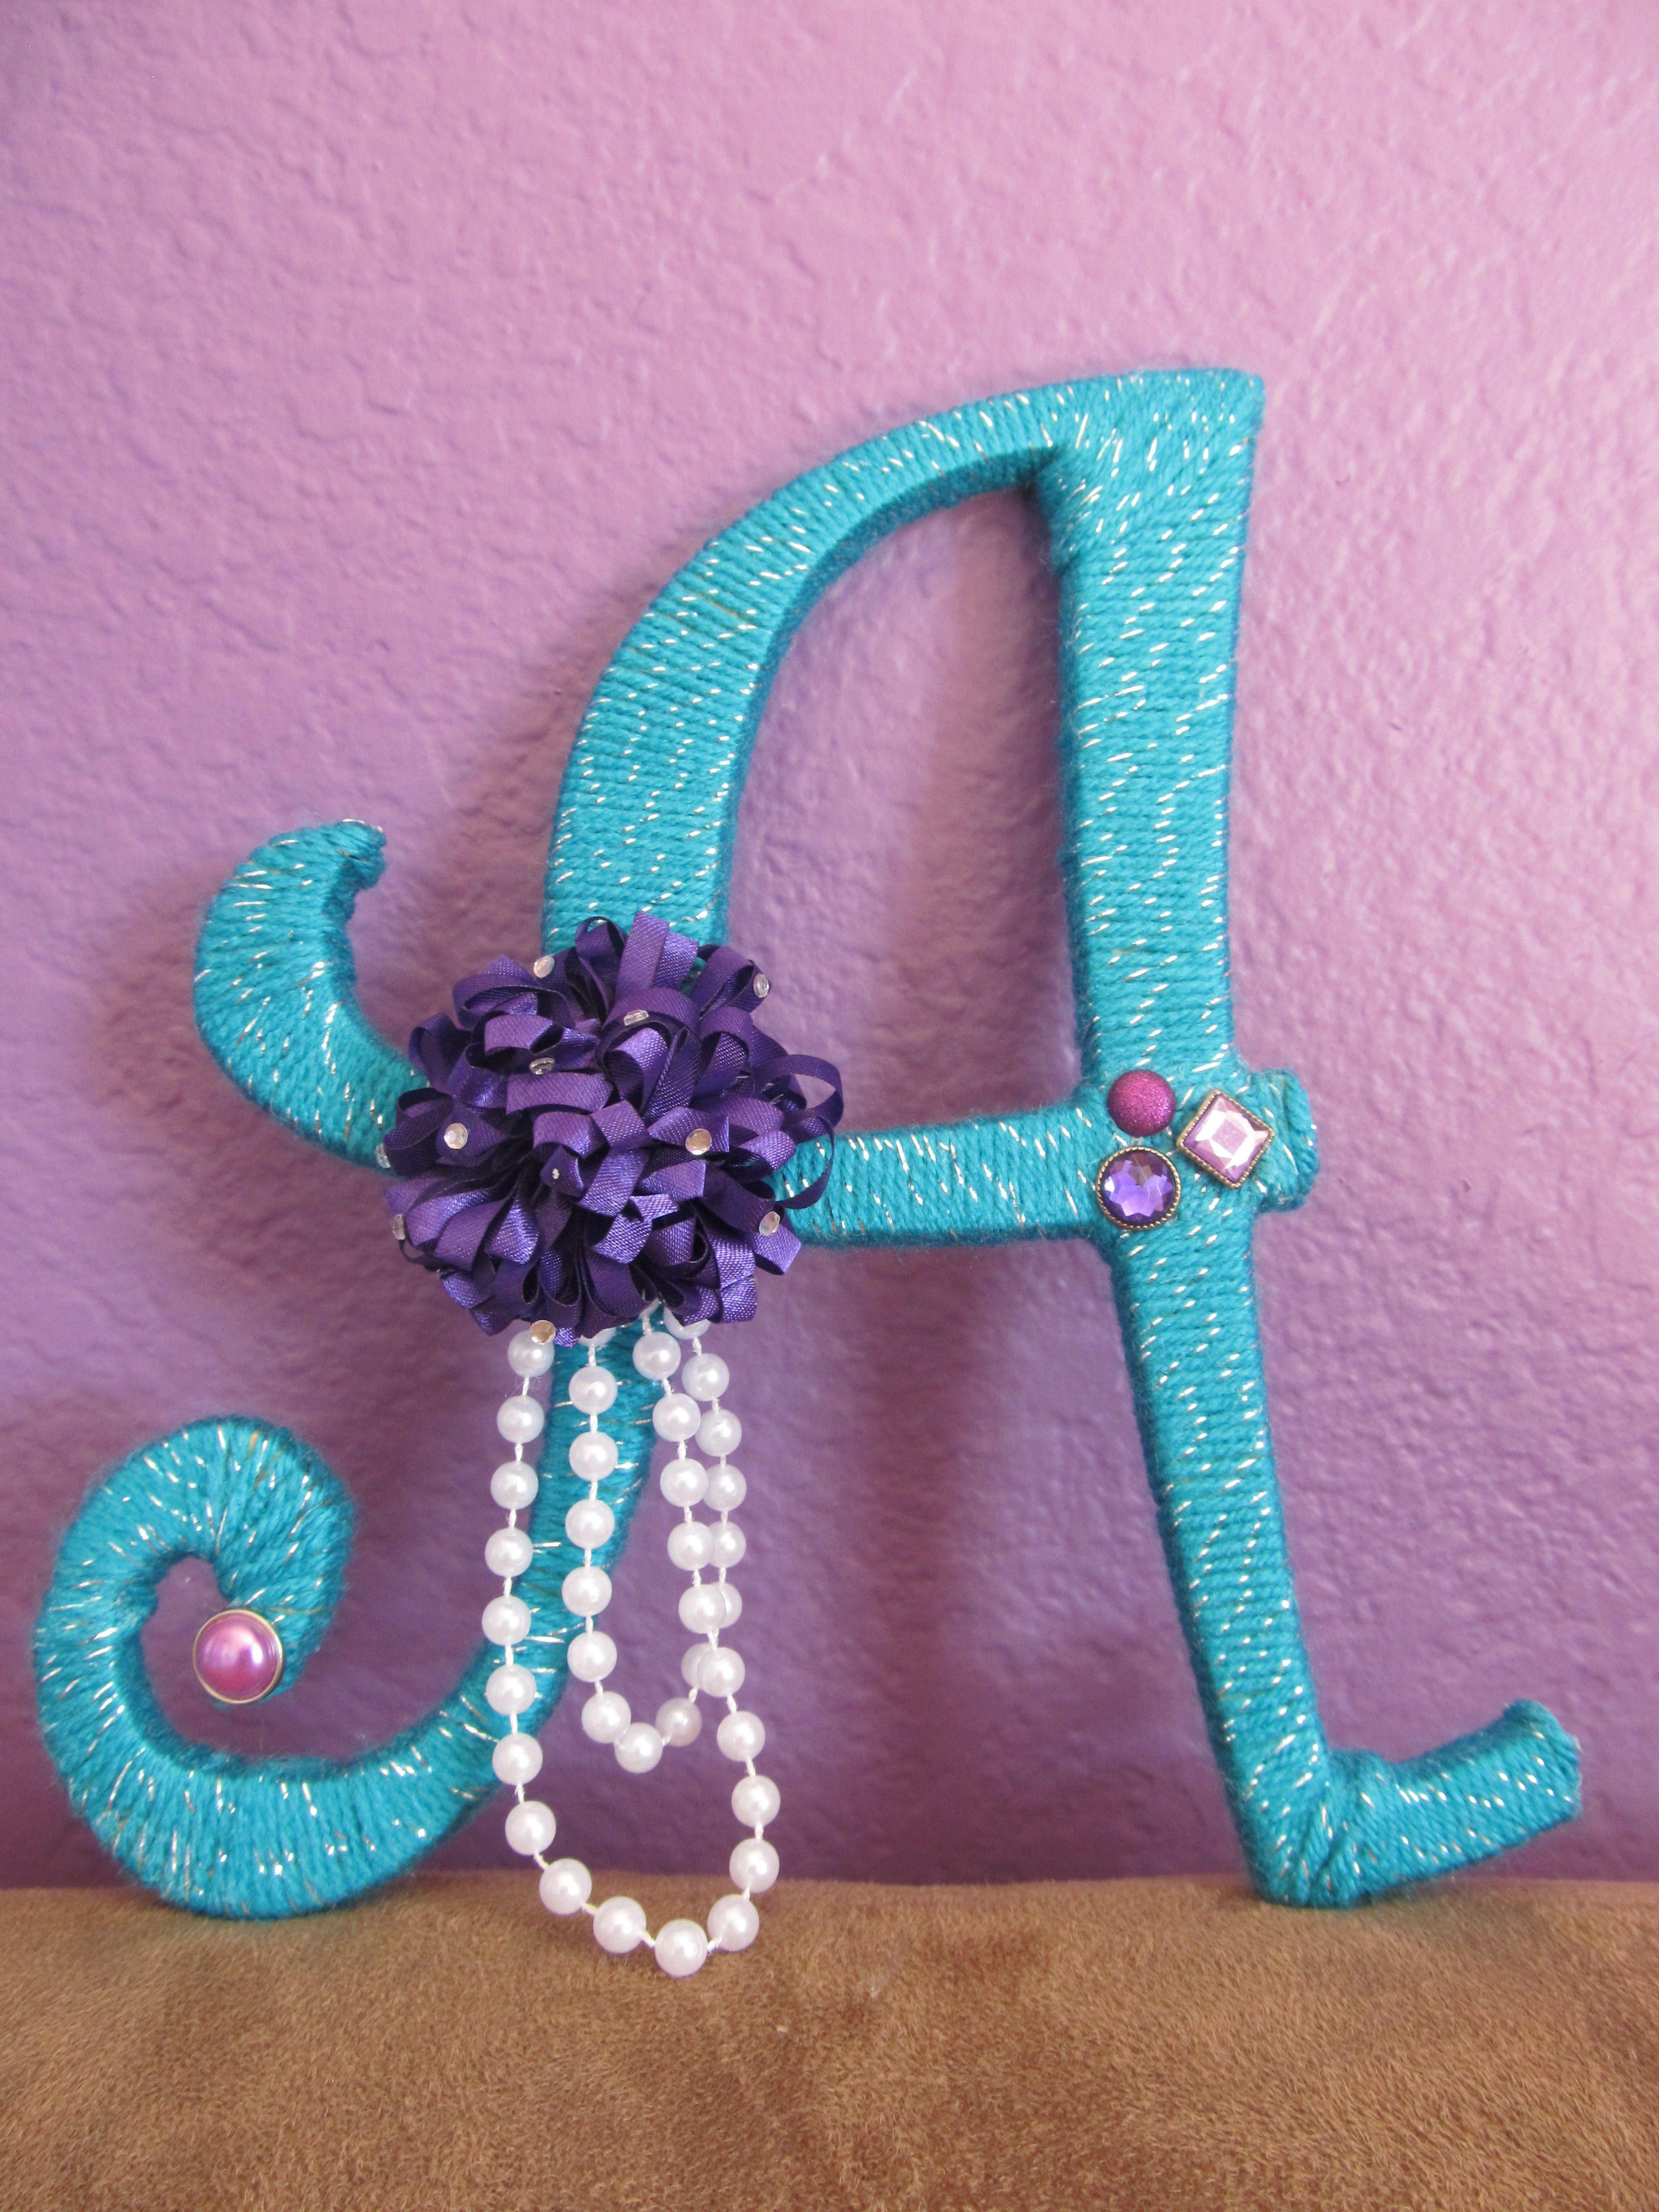 Pin von meghan moore auf girls room ideas | Pinterest | Basteln